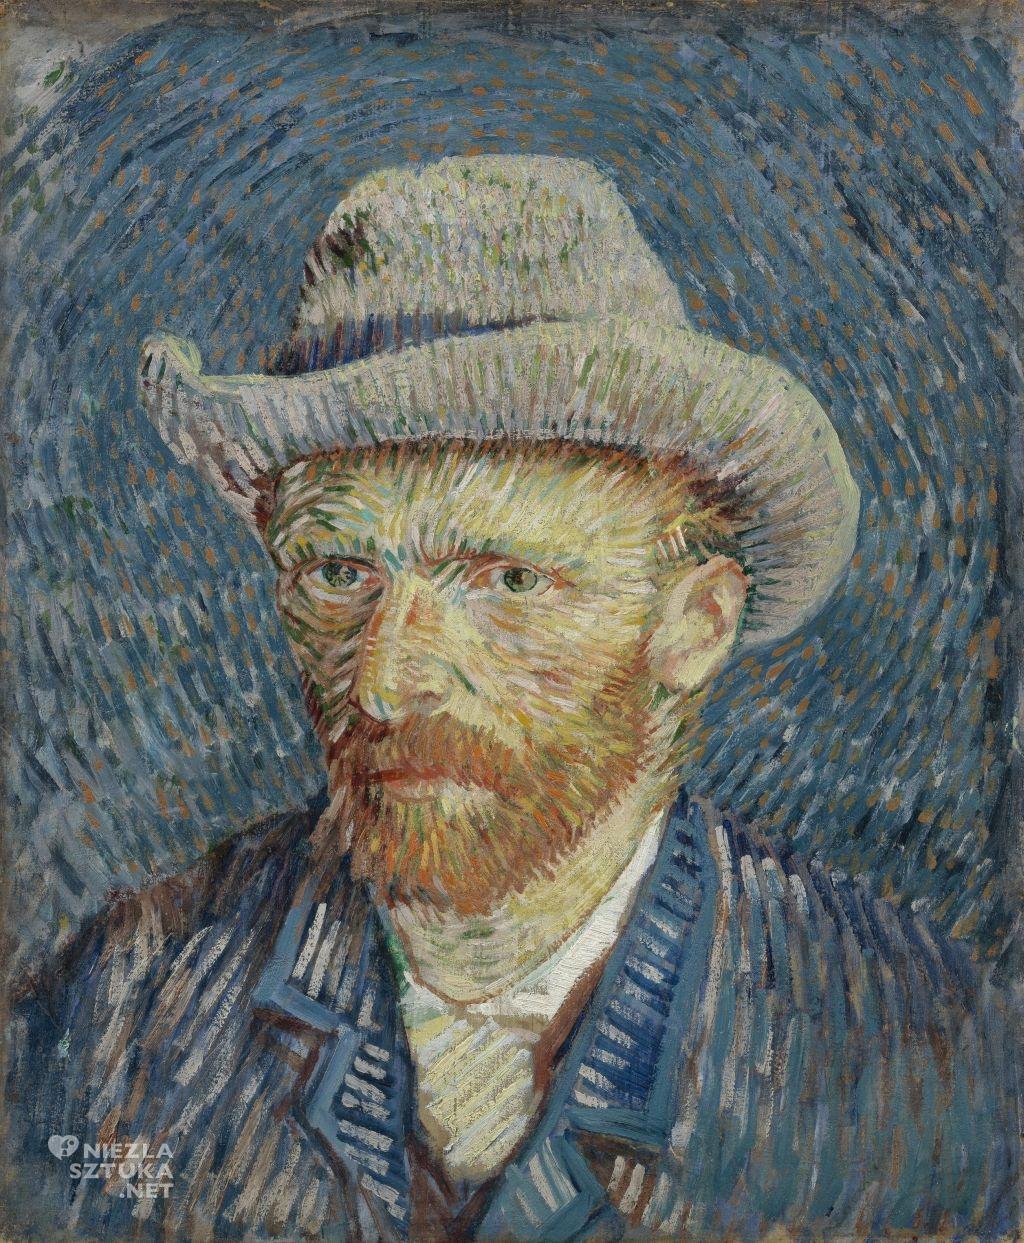 Vincent van Gogh, autoportret, autoportret w szarym, filcowym kapeluszu, Niezła Sztuka